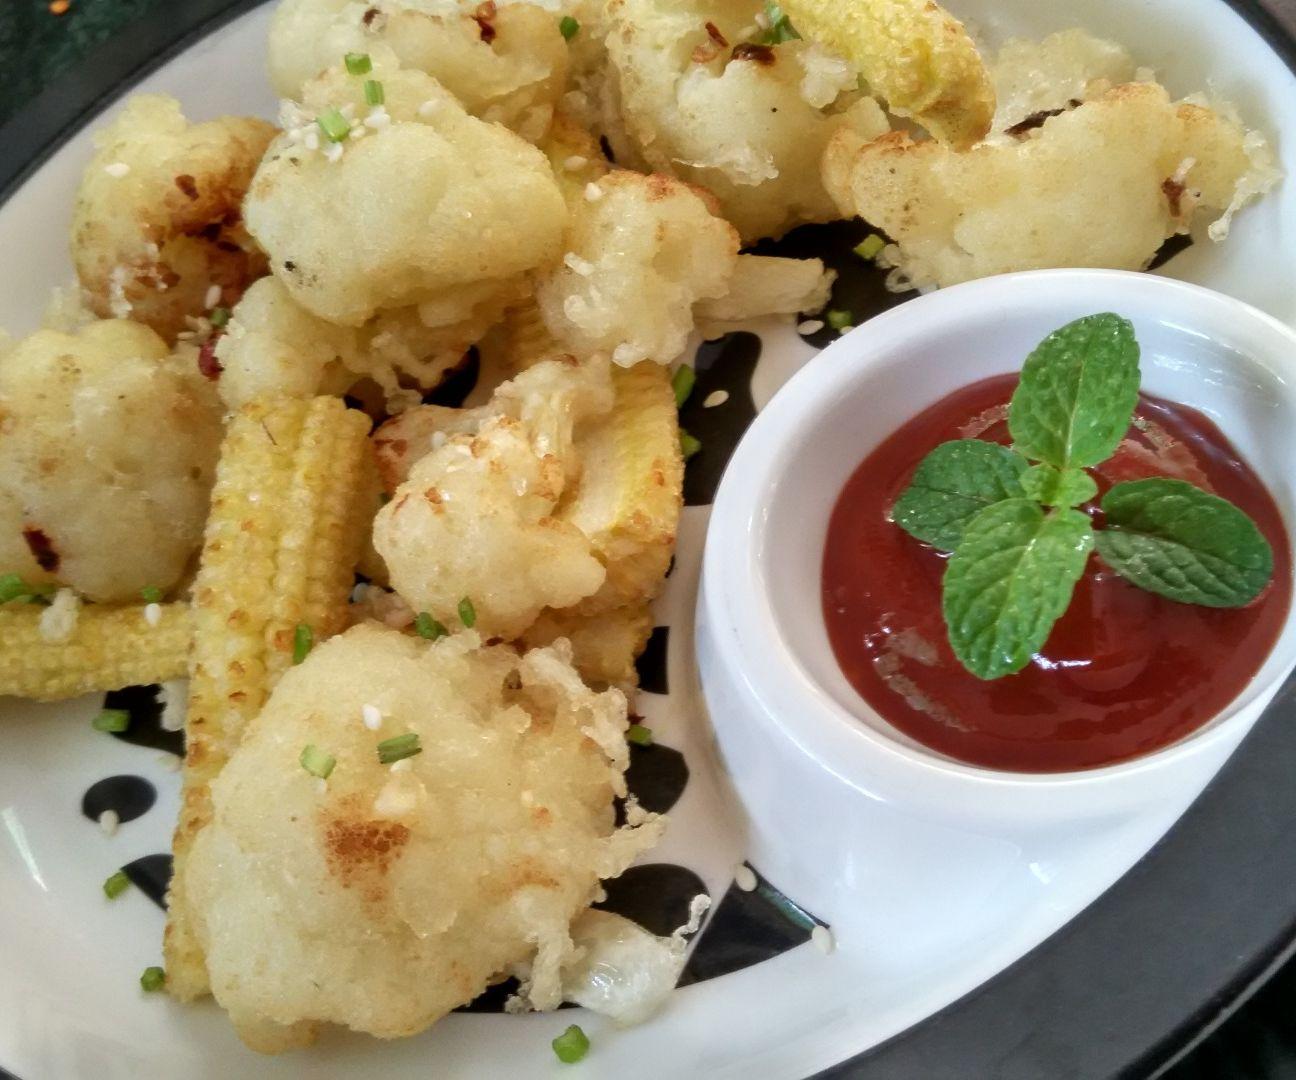 Crispy fried vegetables